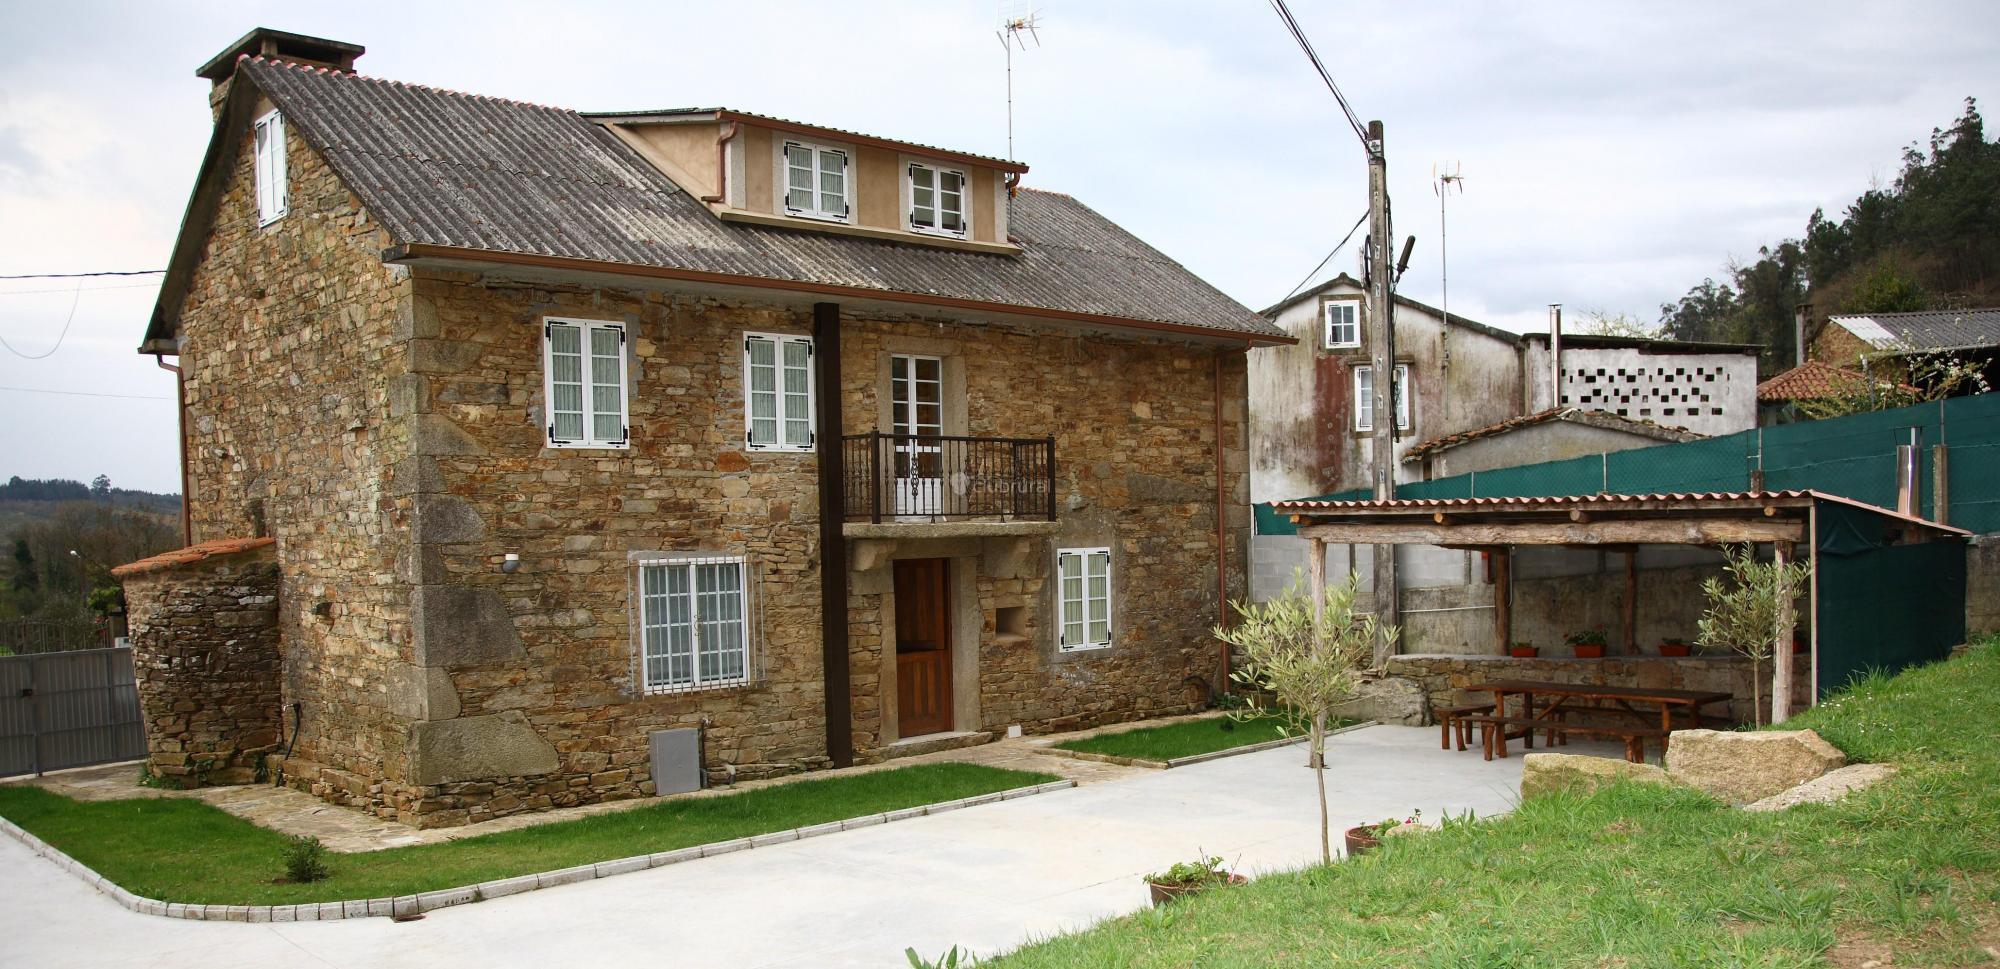 Fotos de a casa da escola a coru a trazo clubrural - Casa a coruna ...